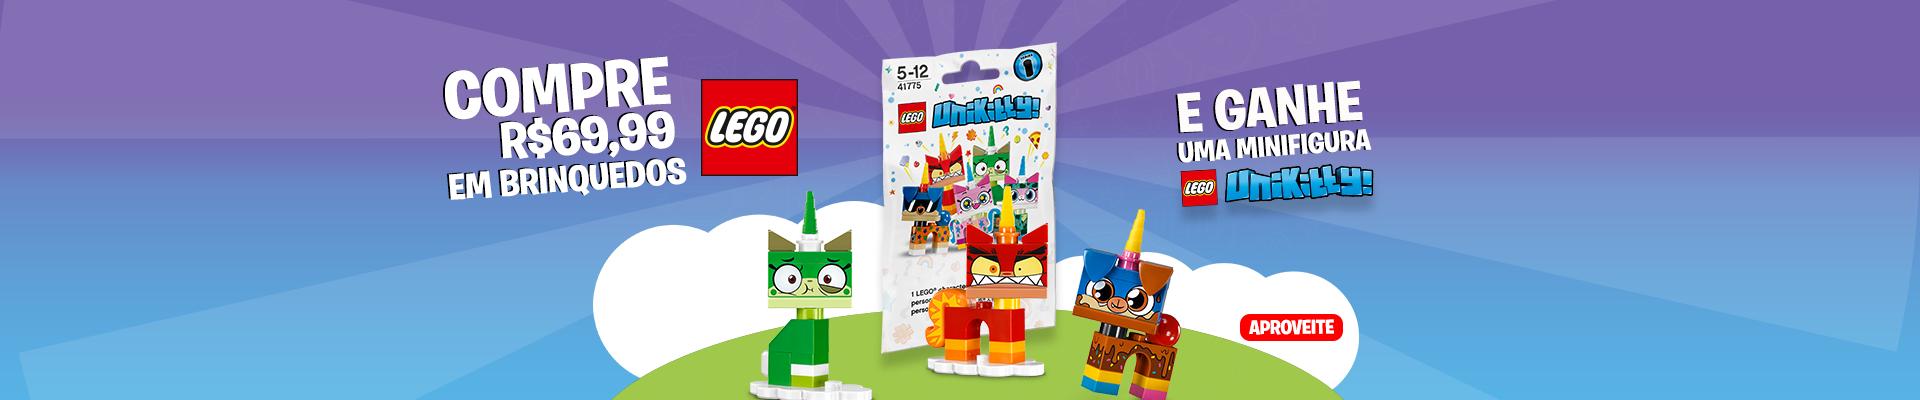 Lego_CompreGanhe